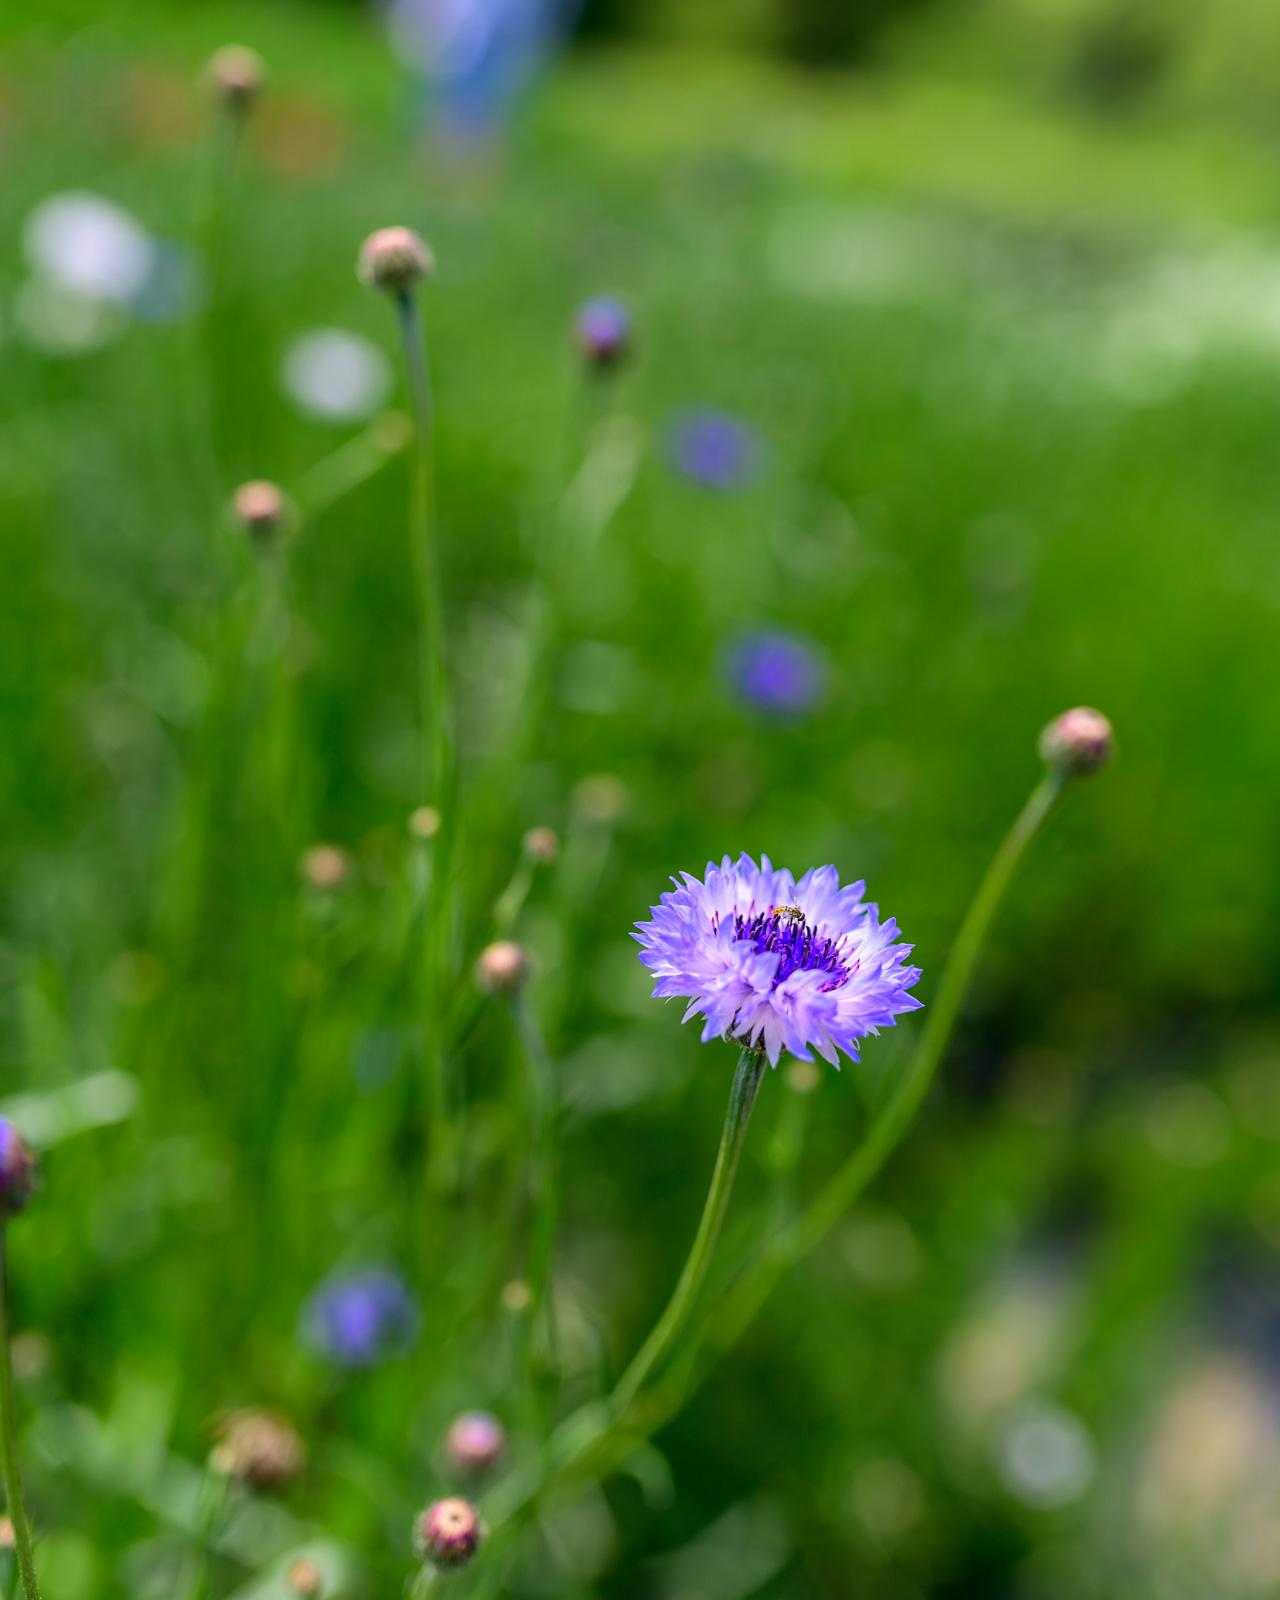 Flower Bloom_78.JPG